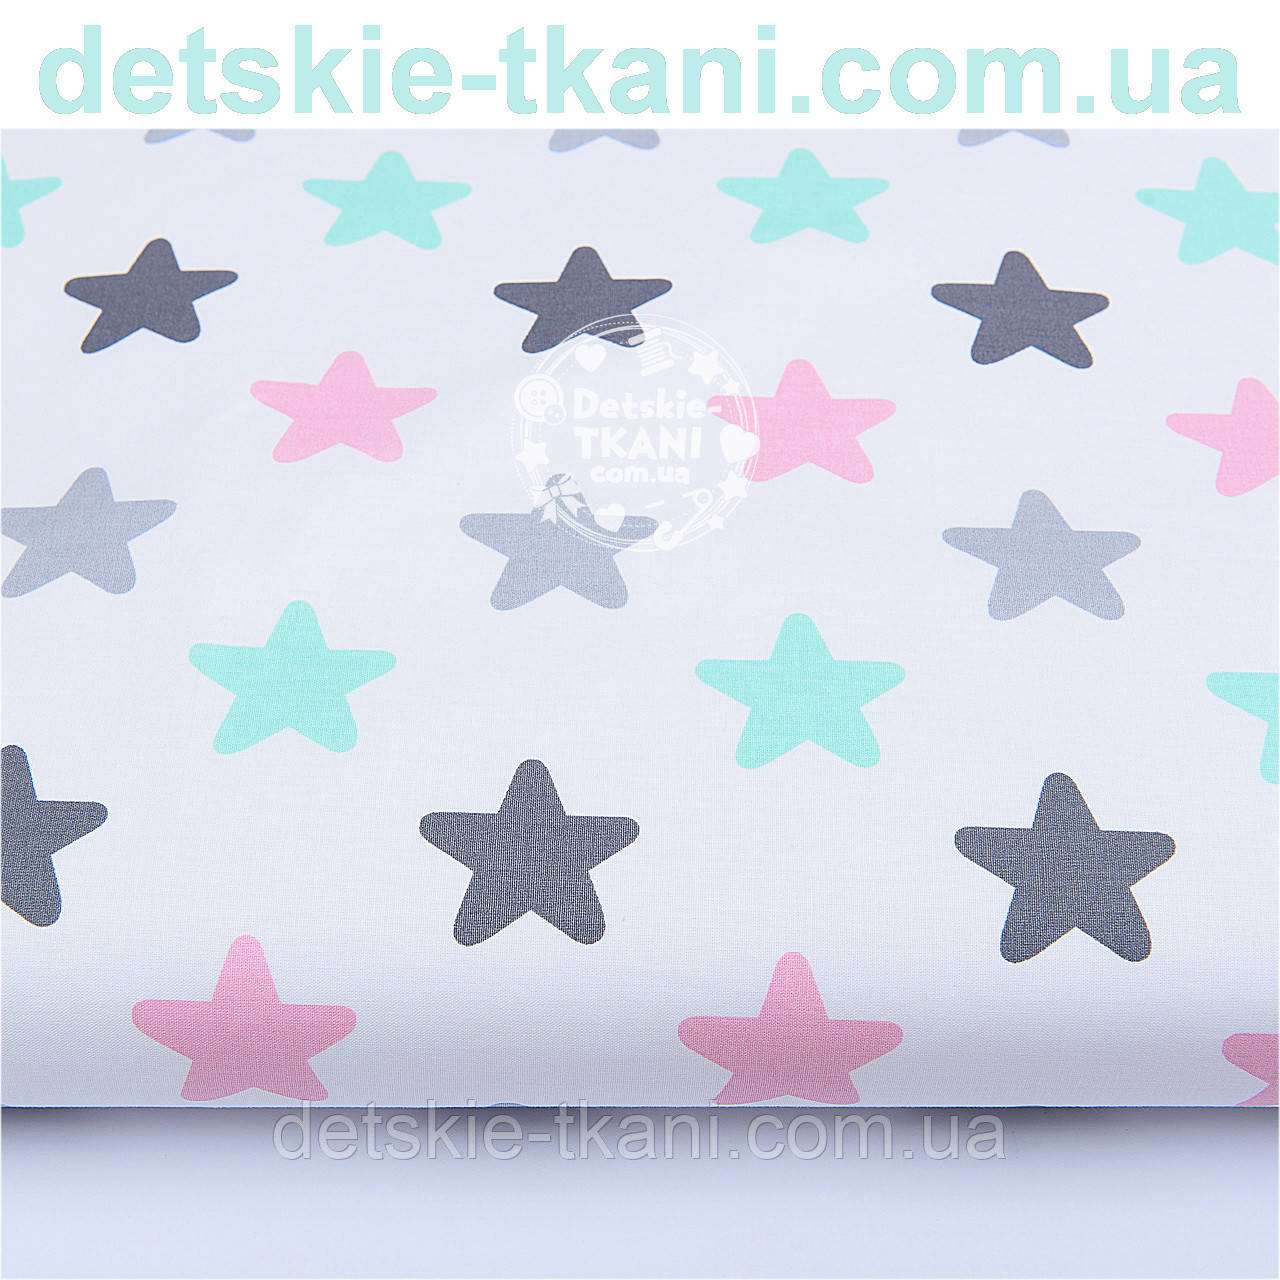 Ткань хлопковая с розовыми, мятными и серыми звёздами, ширина 240 см (№1155)